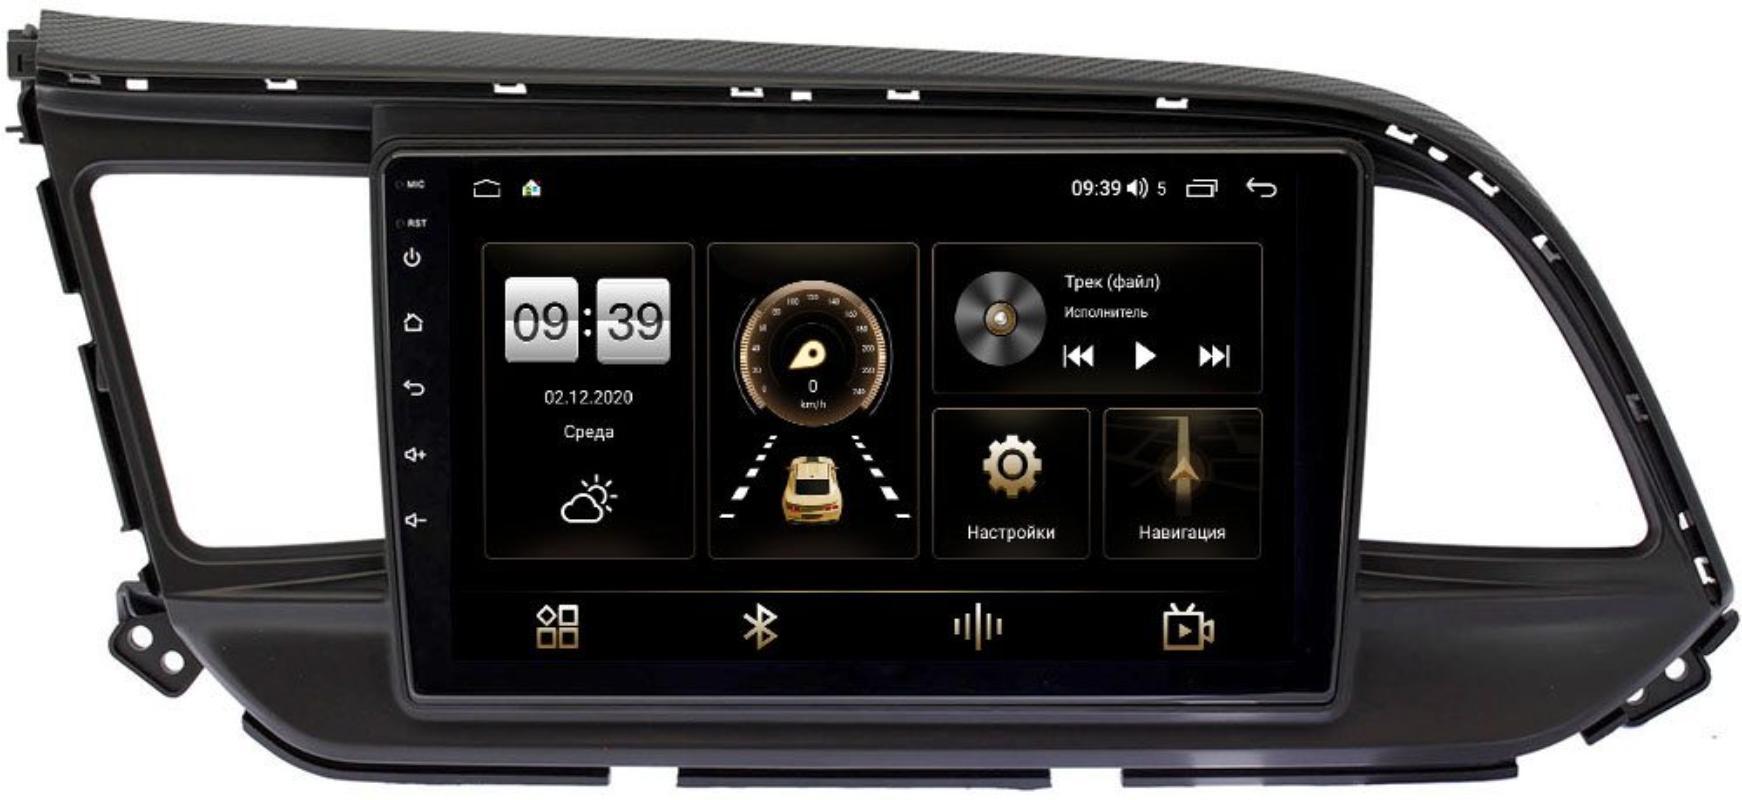 Штатная магнитола LeTrun 3792-9207 для Hyundai Elantra VI (AD) 2018-2020 на Android 10 (4/64, DSP, QLed) С оптическим выходом (+ Камера заднего вида в подарок!)